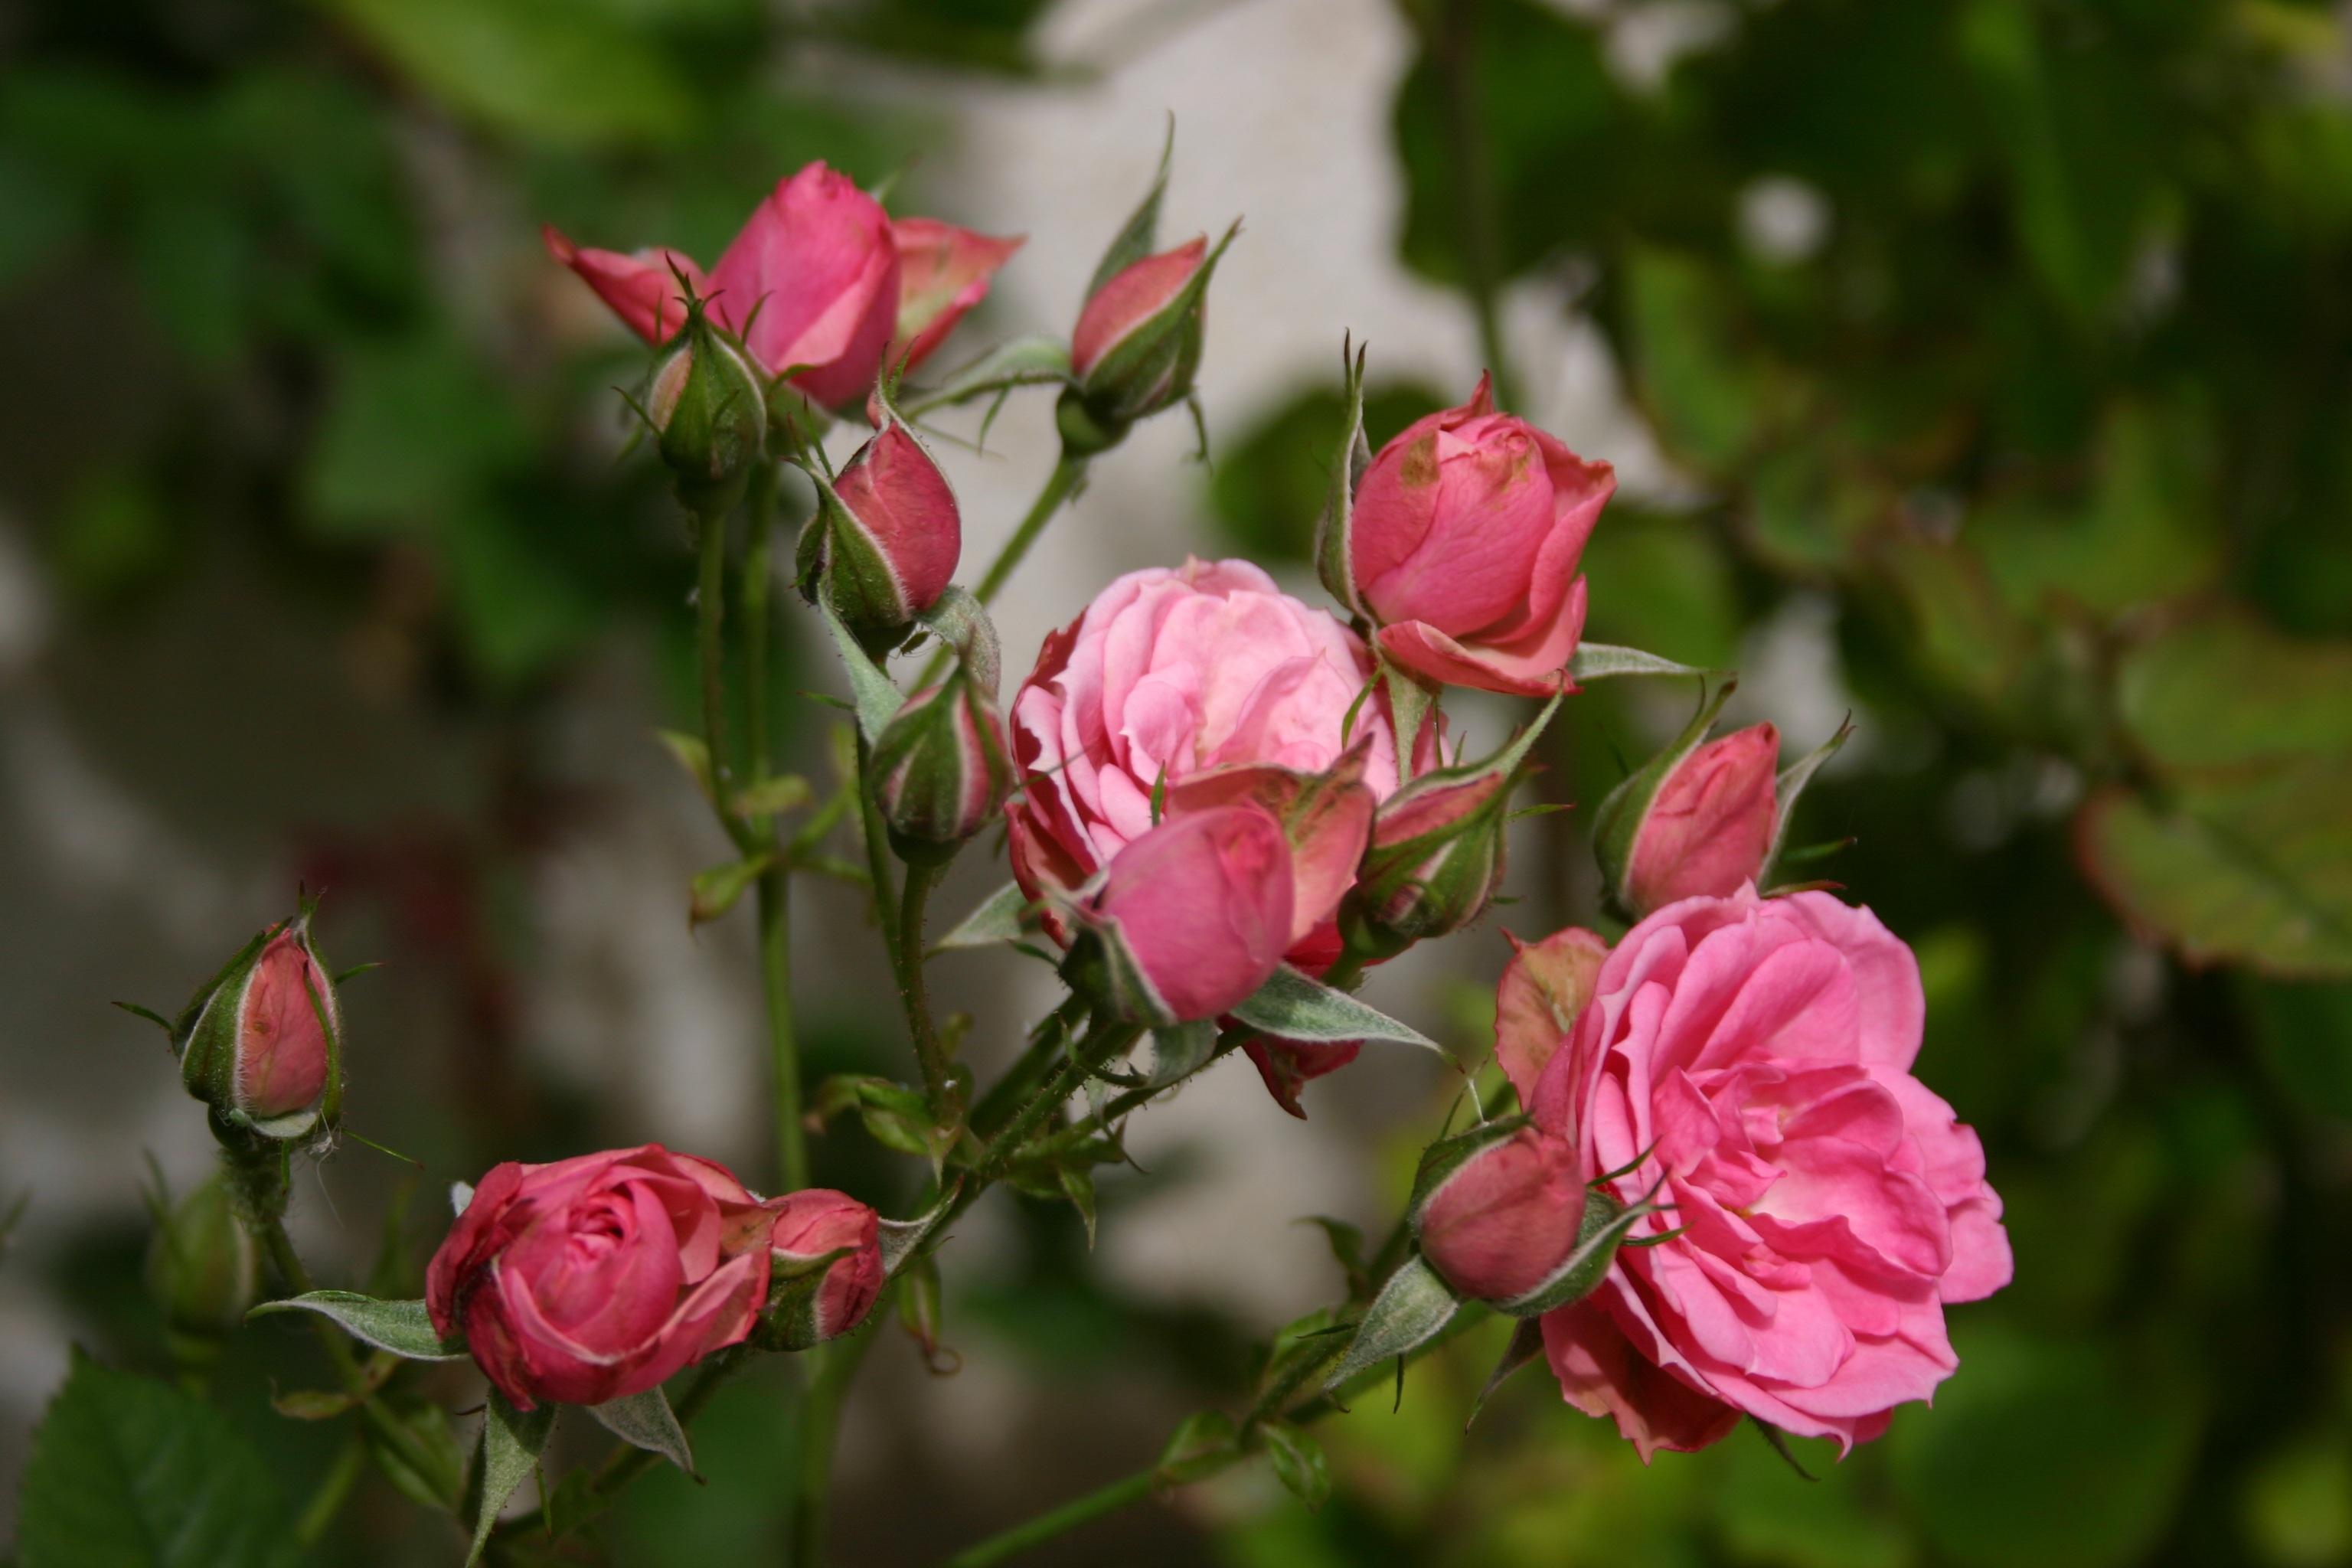 107280 Заставки и Обои Розы на телефон. Скачать Розы, Цветы, Бутоны картинки бесплатно